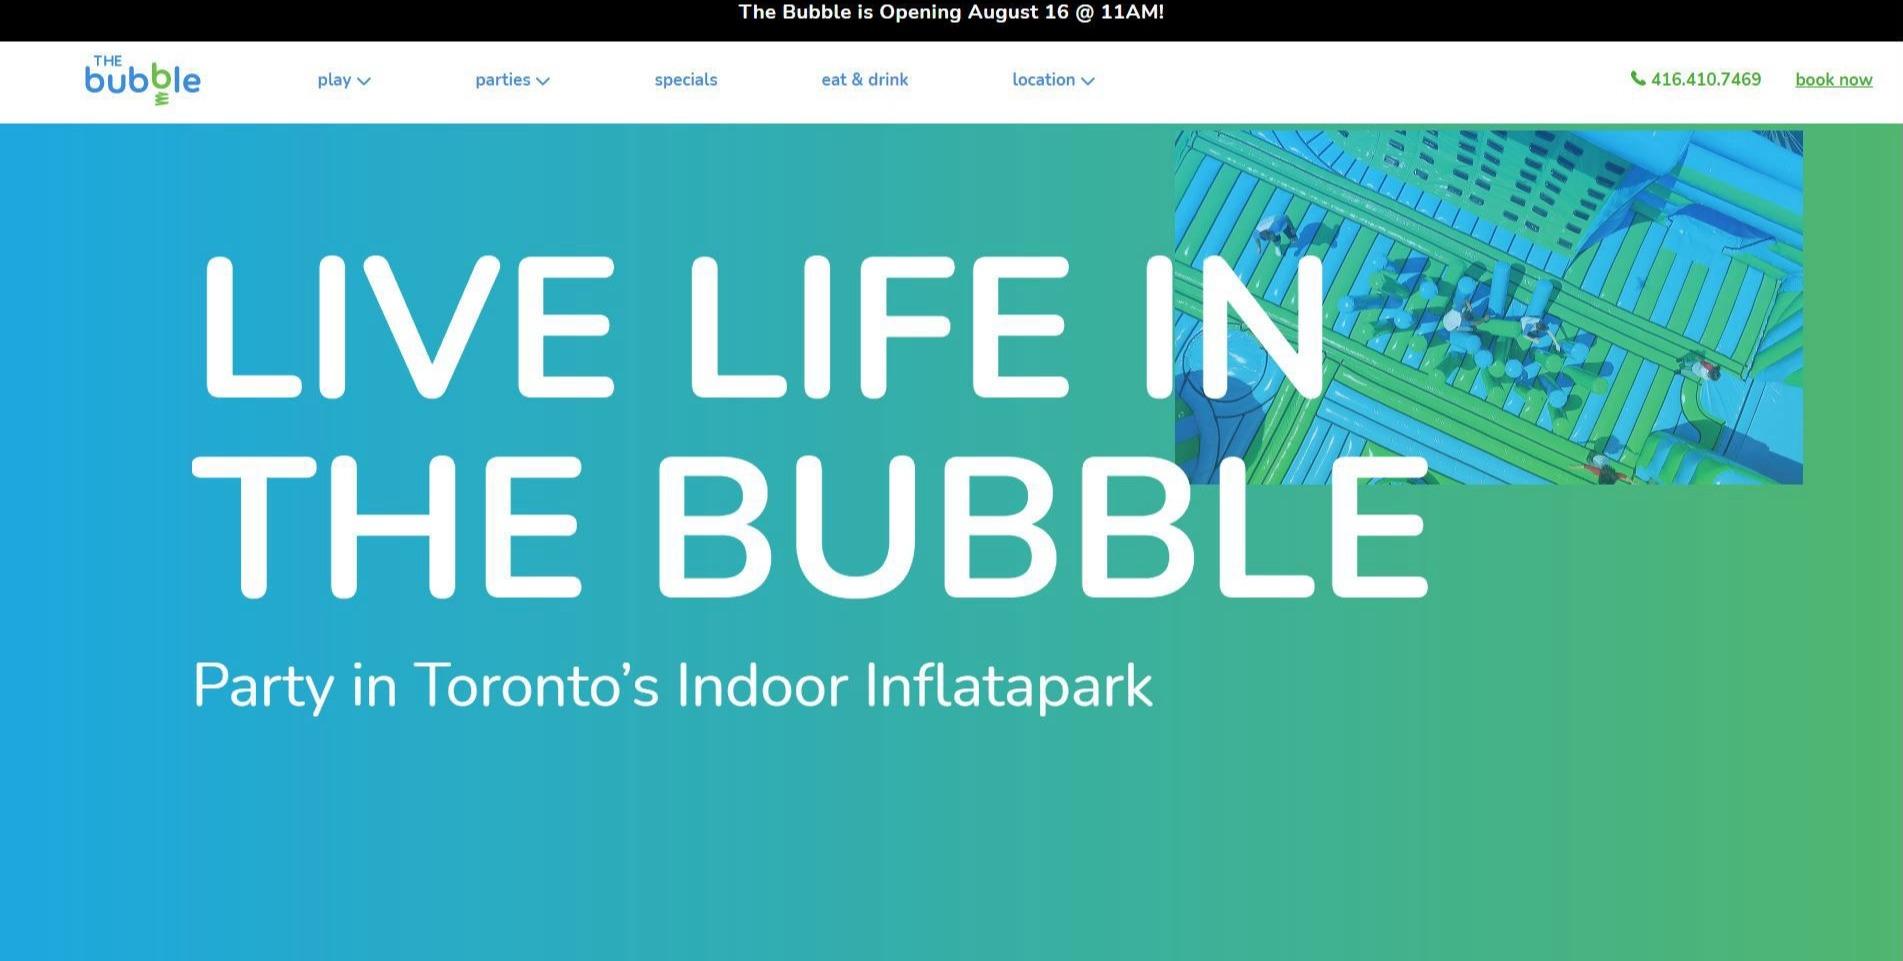 The Bubble Toronto